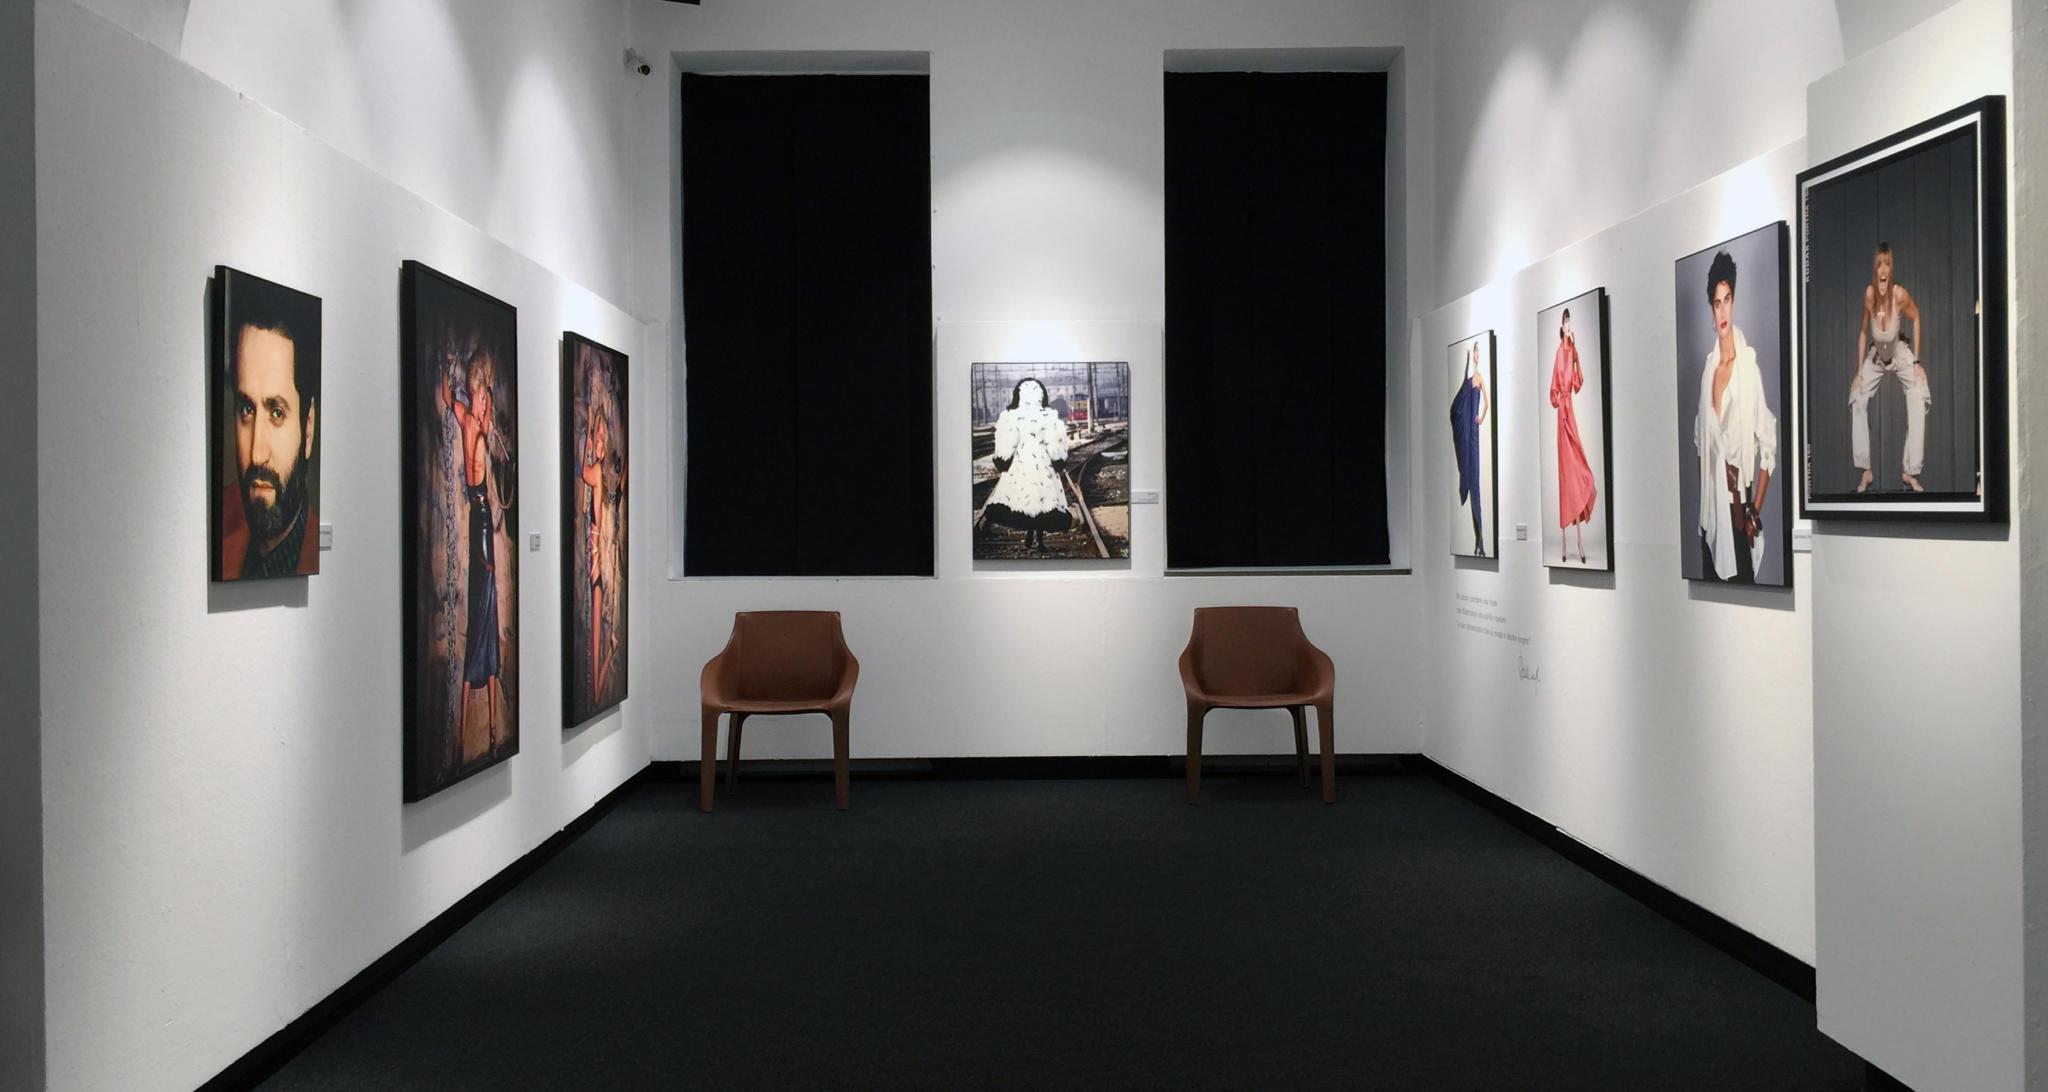 Bob krieger imagine al quadrilatero della moda a milano for Palazzo morando